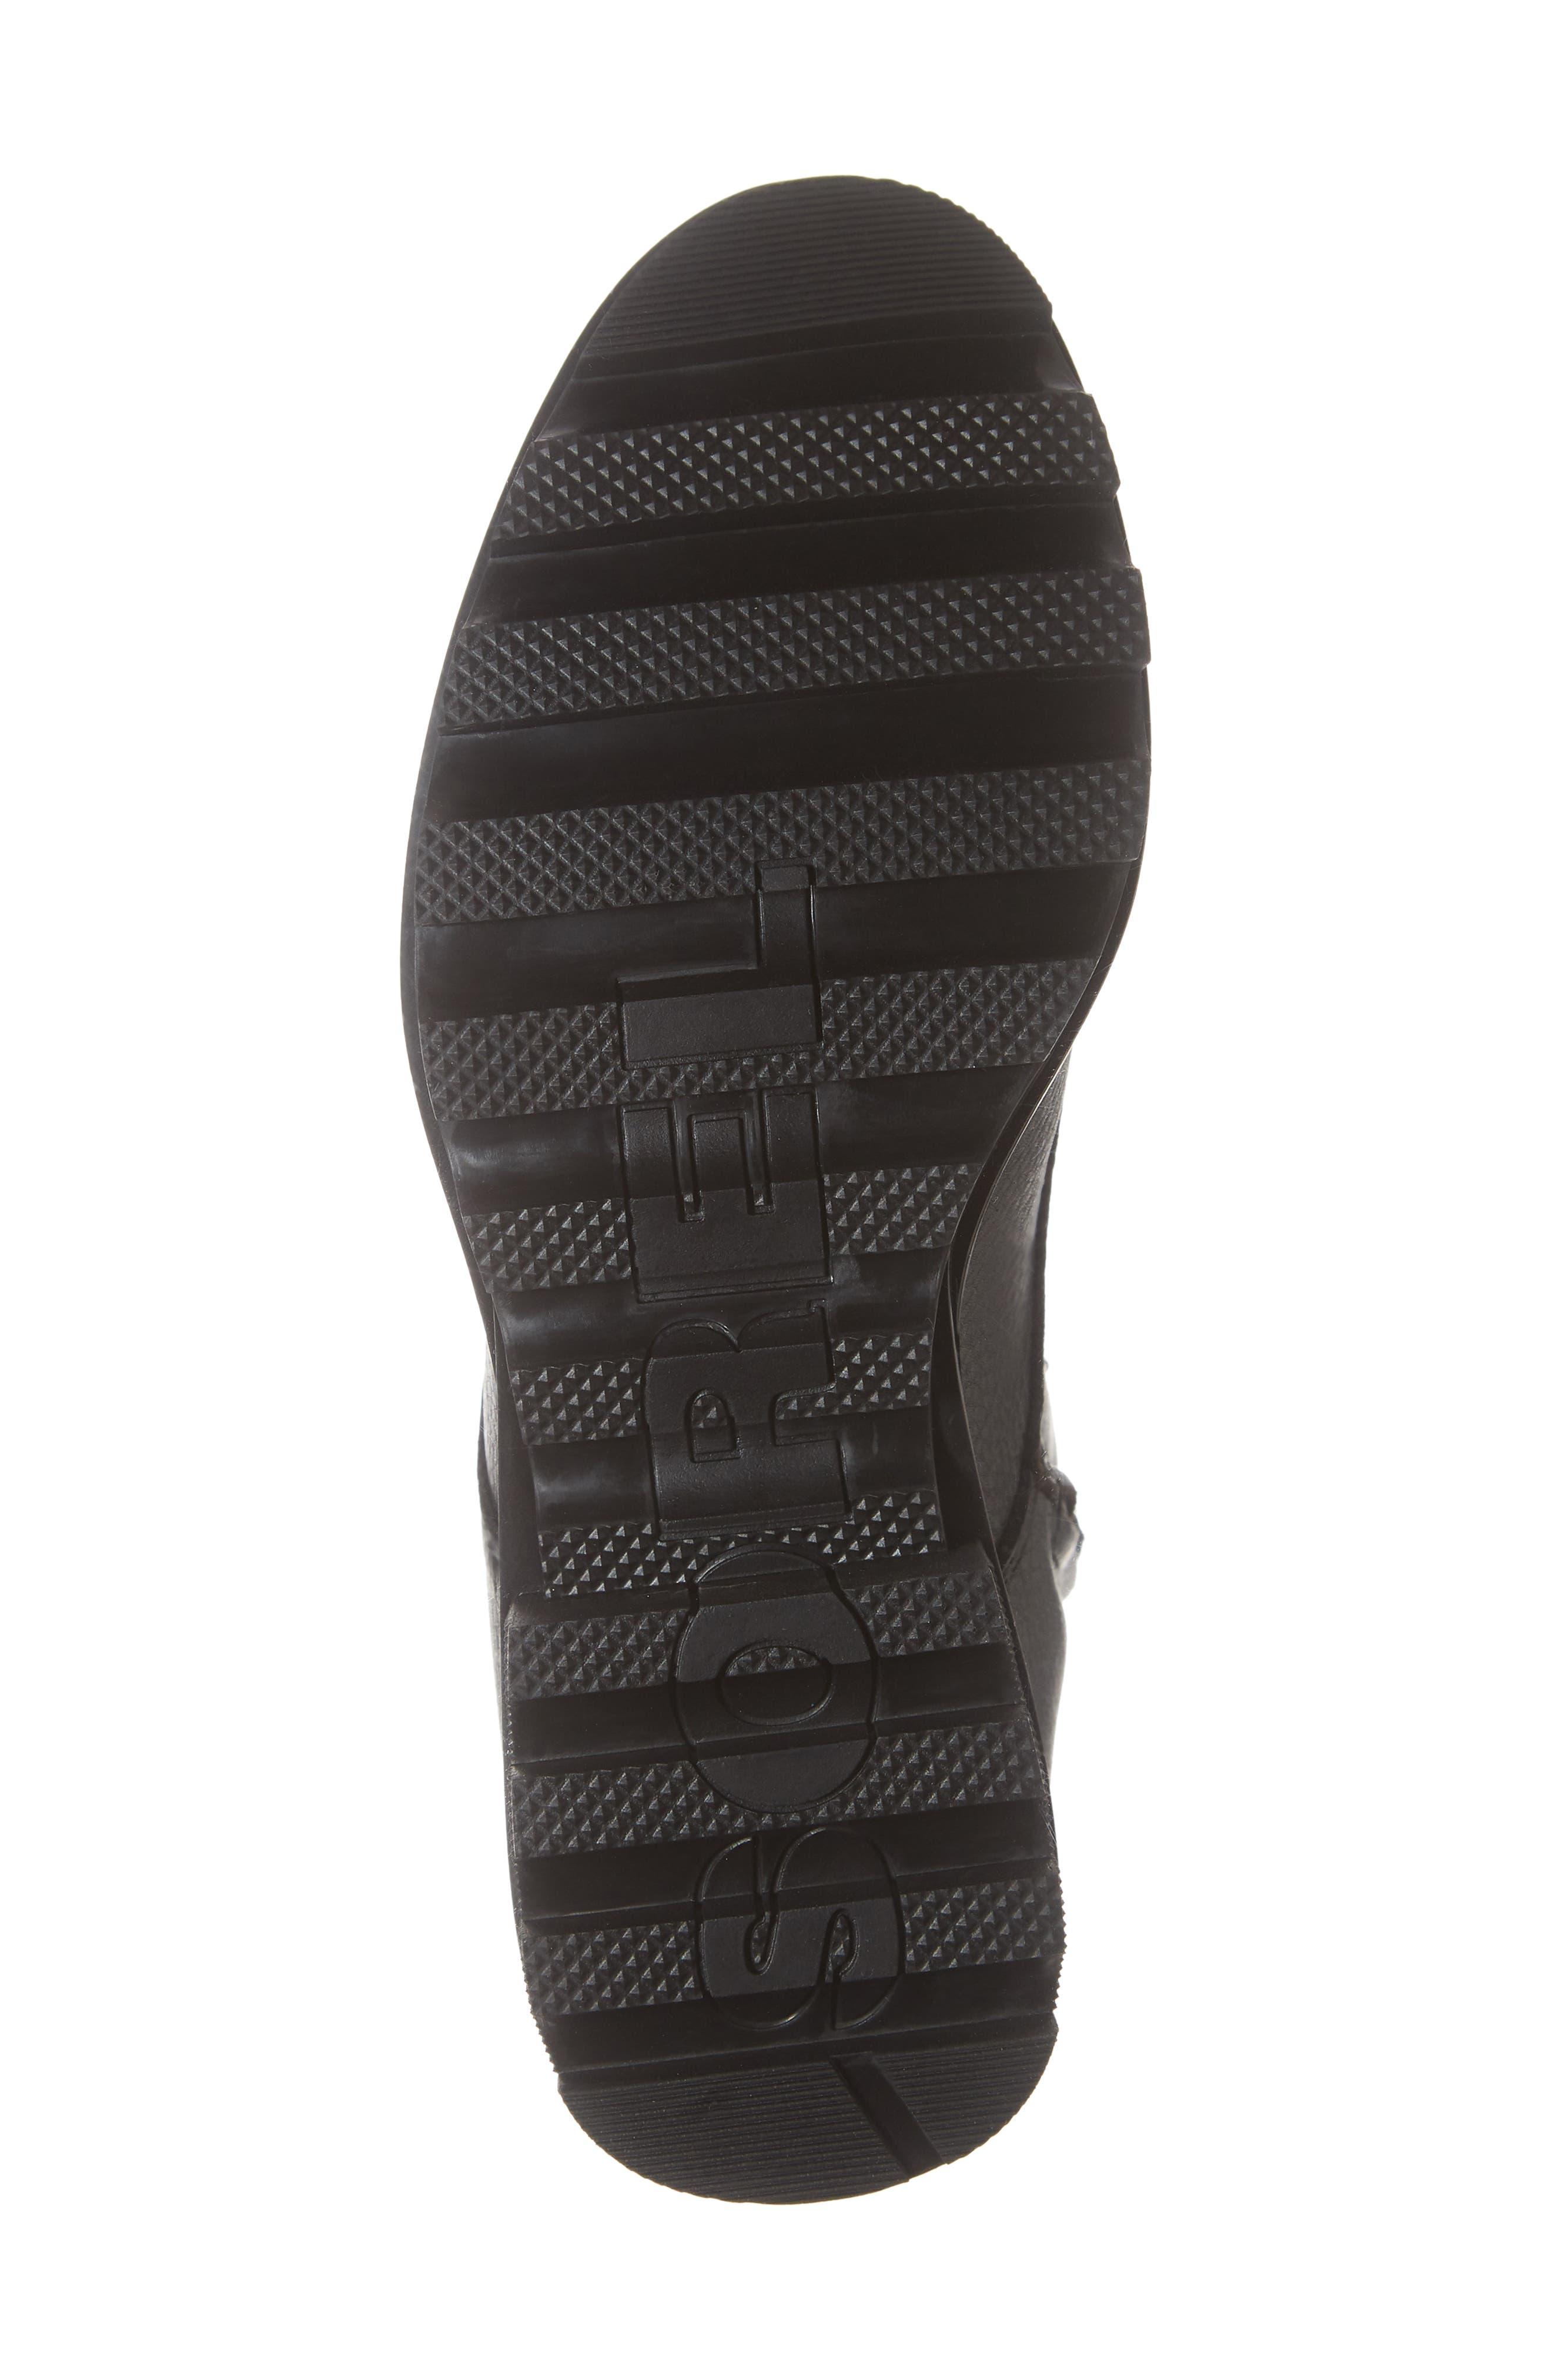 Phoenix Lace-Up Boot,                             Alternate thumbnail 6, color,                             BLACK